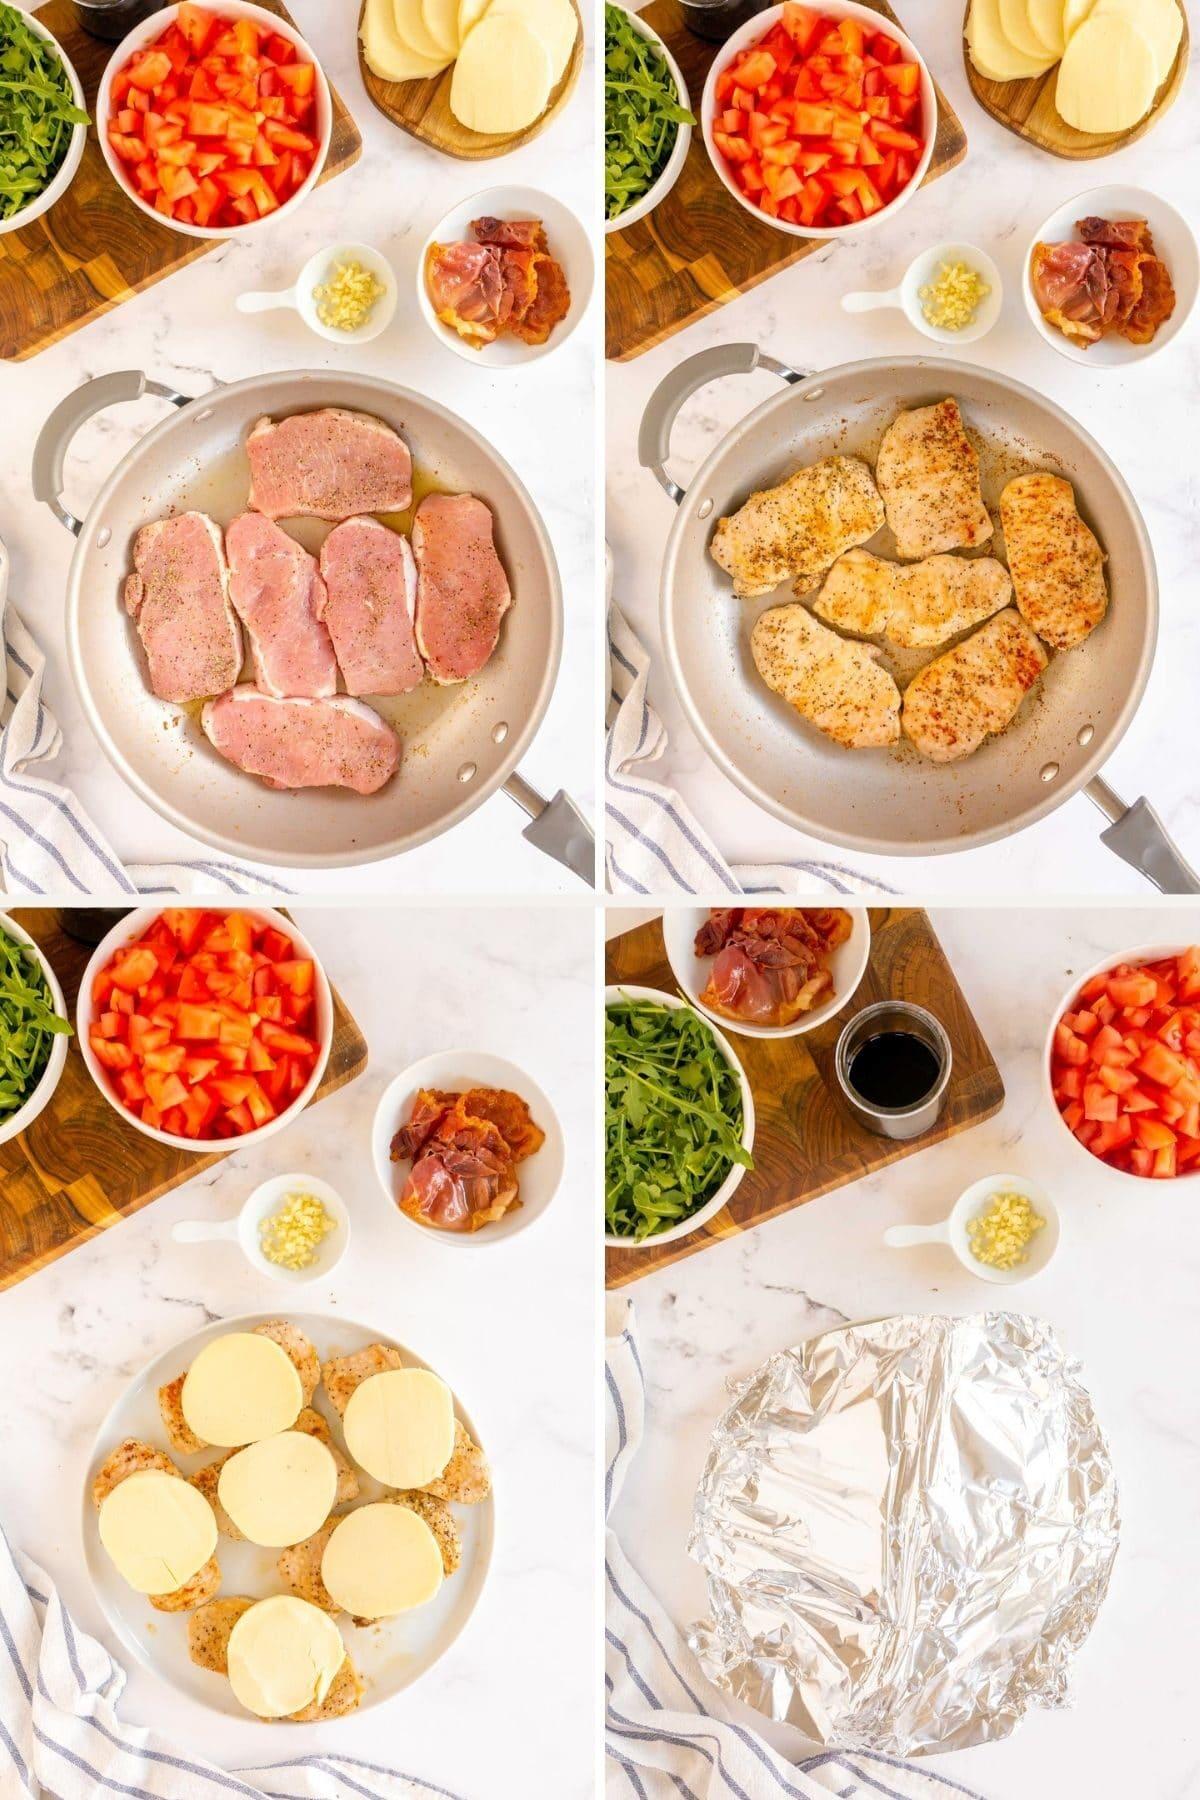 step by step - cooking pork chops